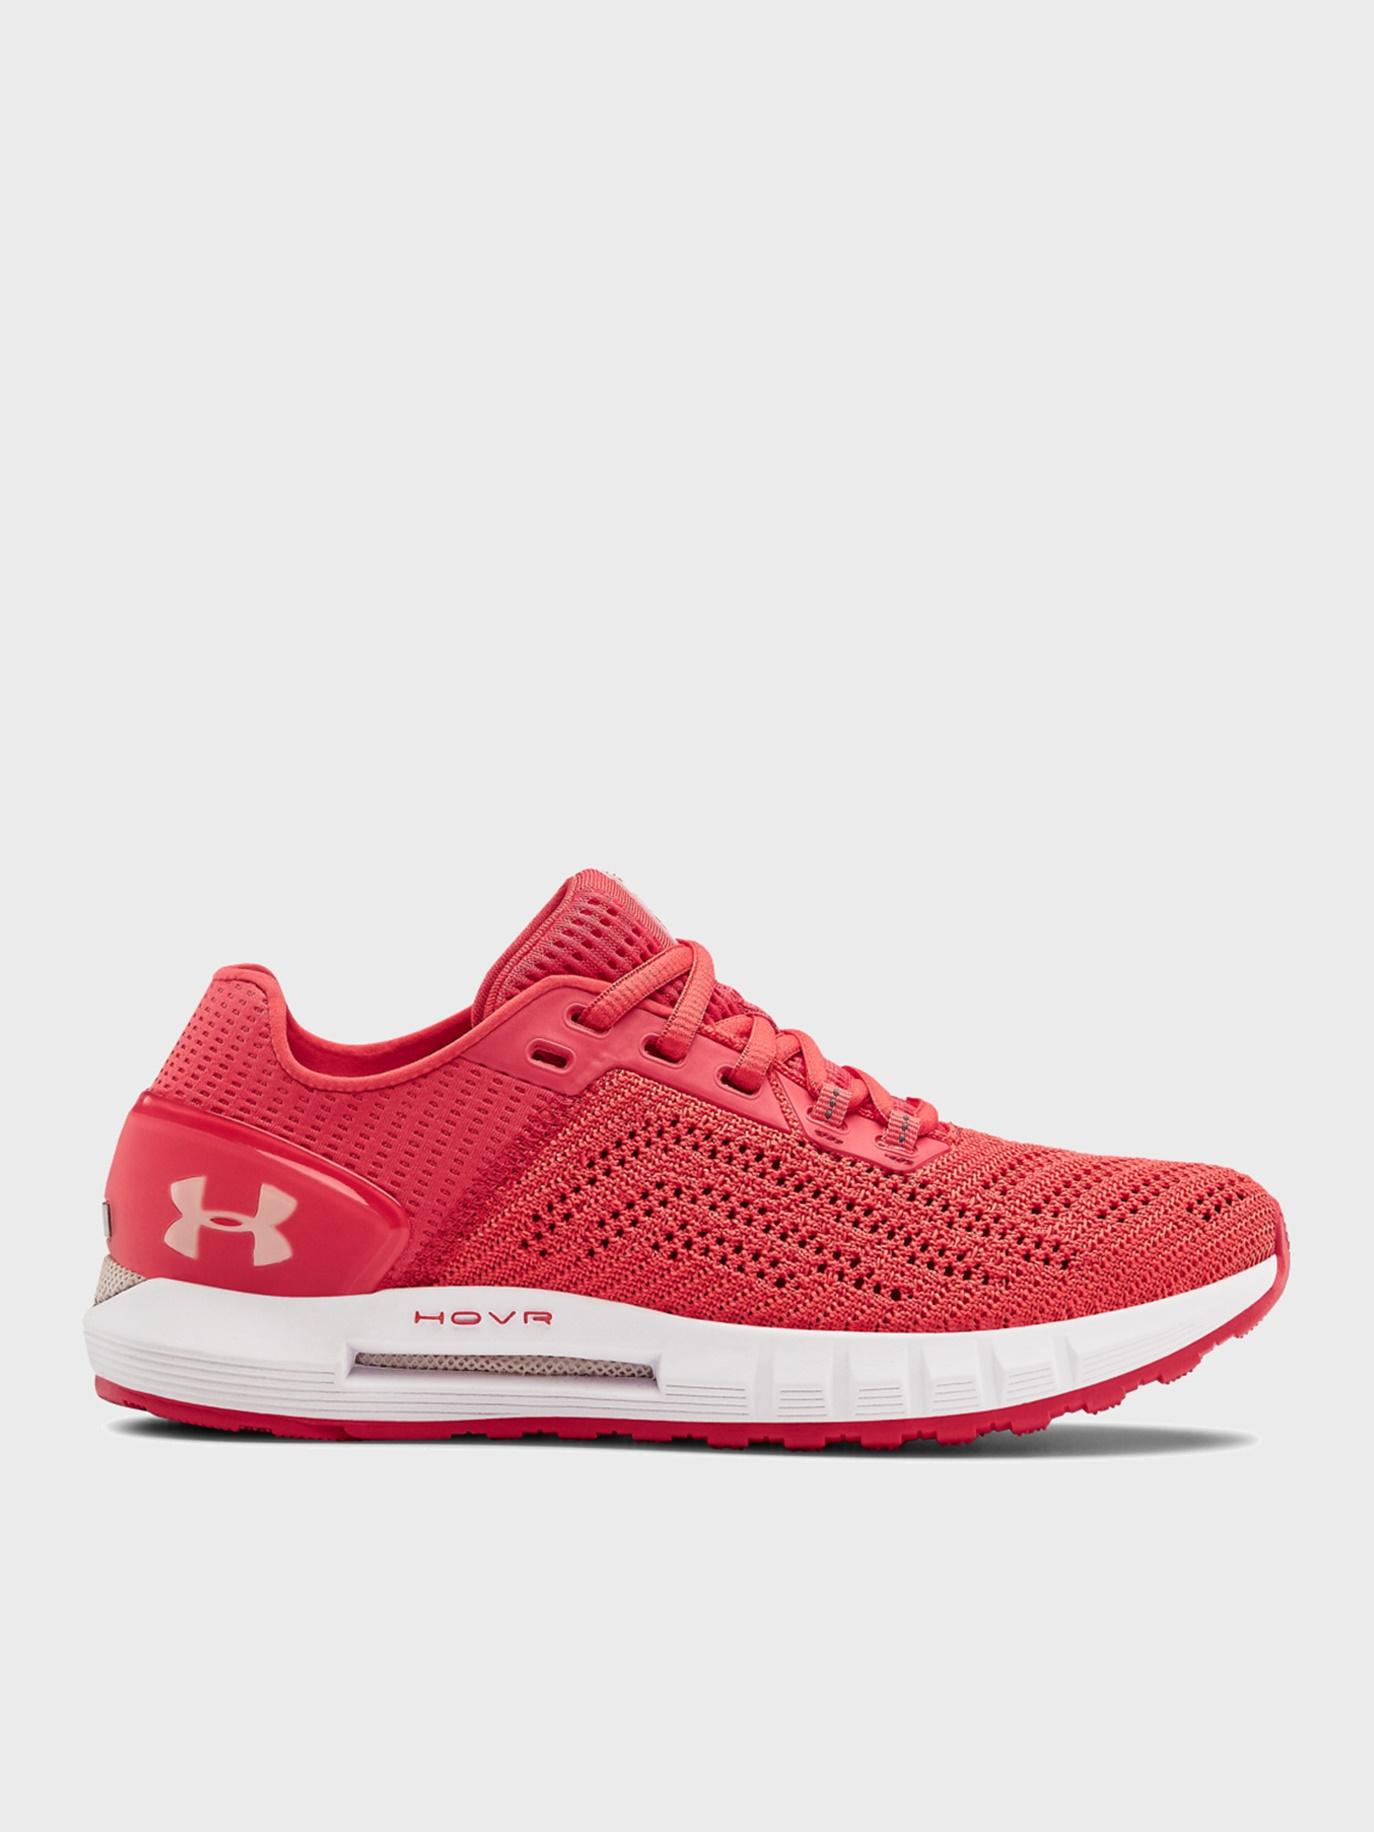 Женские красные кроссовки  HOVR Sonic 2 Under Armour 0192811053 Красный Free Style